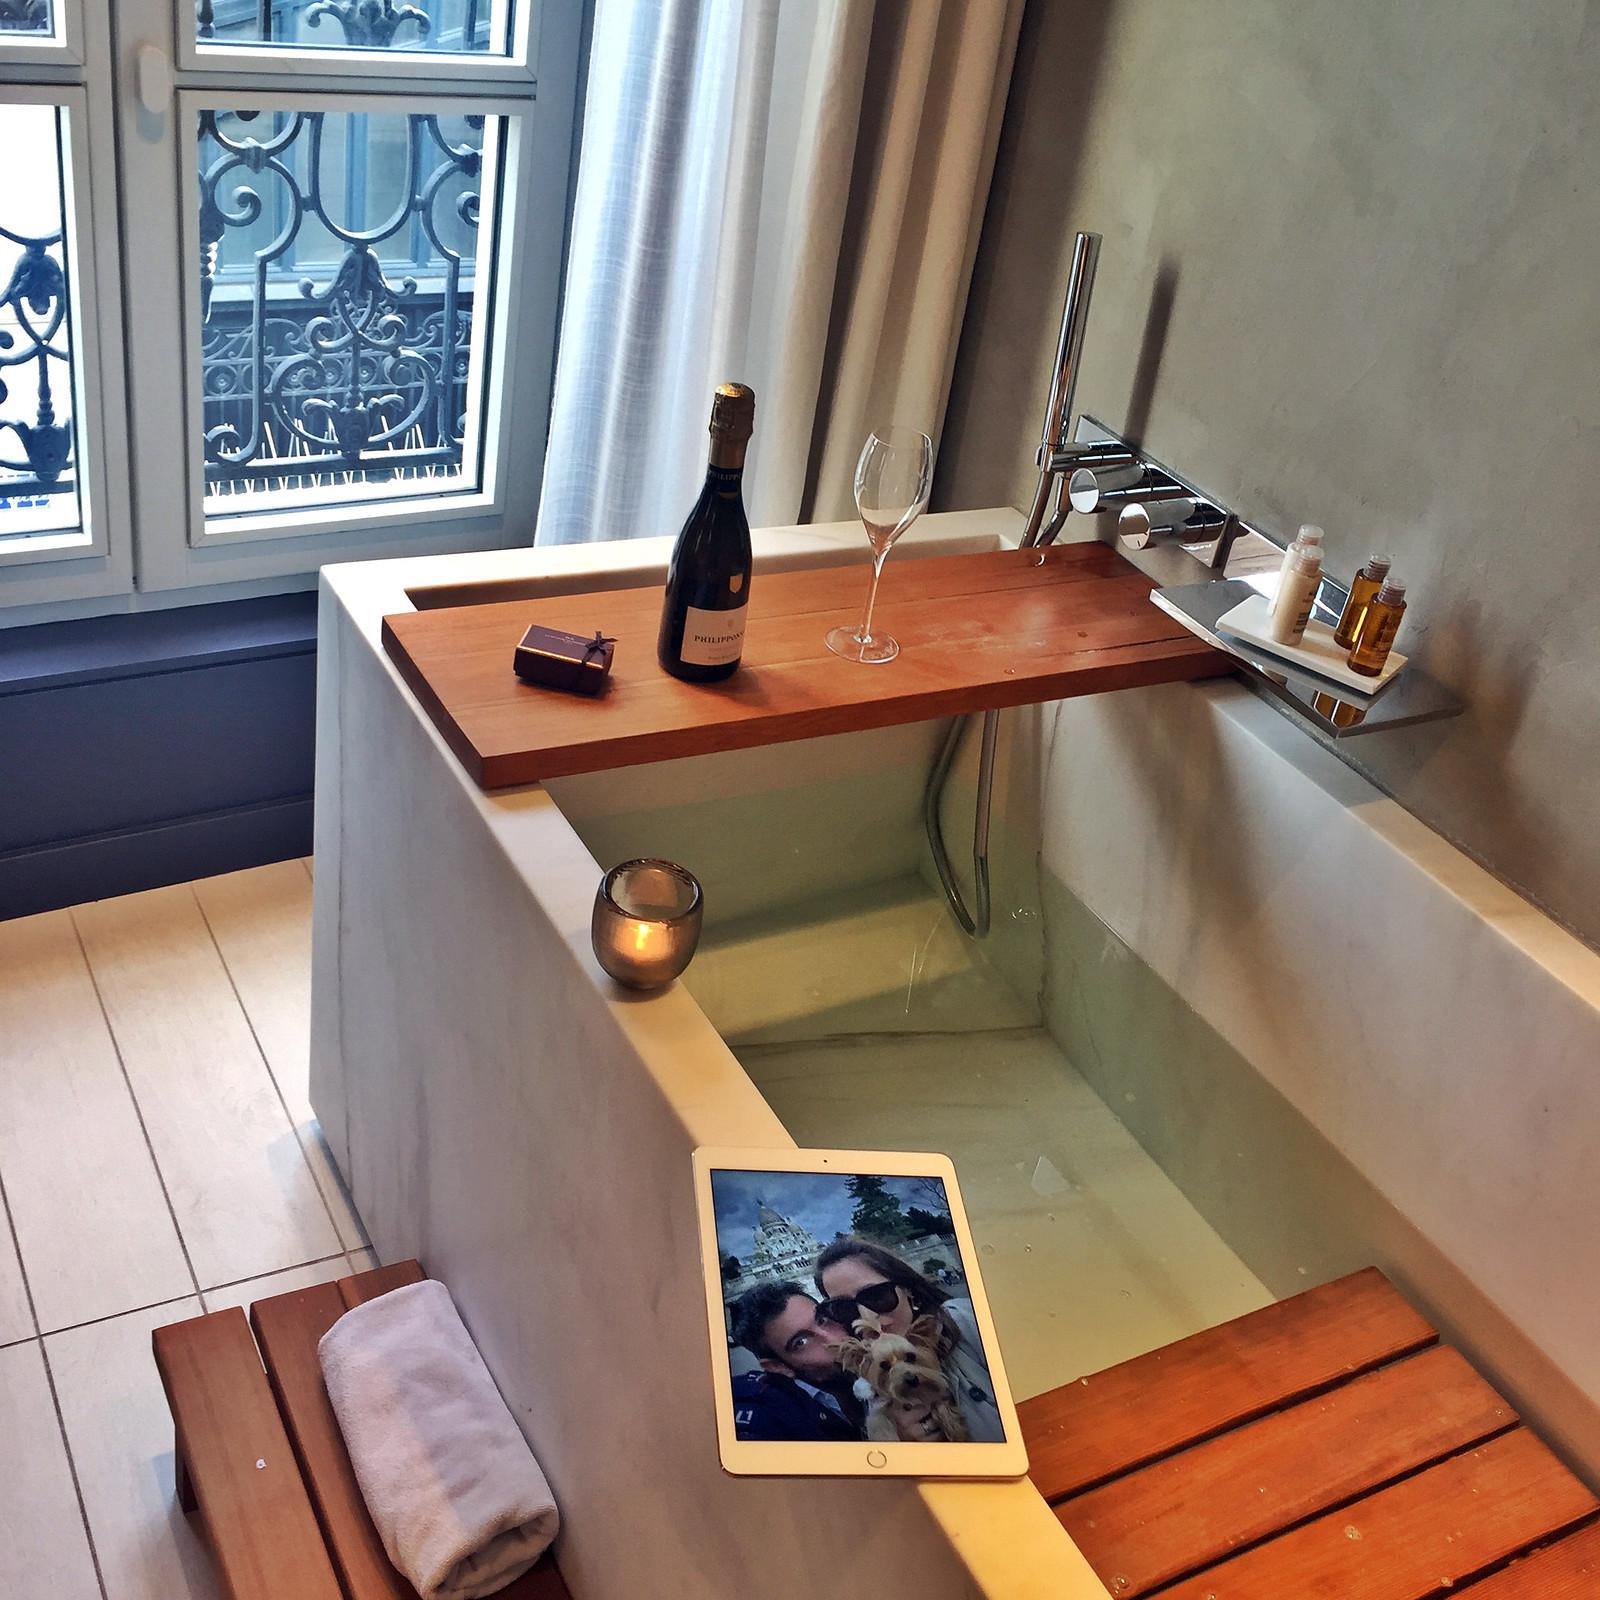 Viajar a Paris con Perro - Hotel de Nell Paris viajar a paris con perro - 34215581060 7b140ab74c h - Viajar a Paris con perro